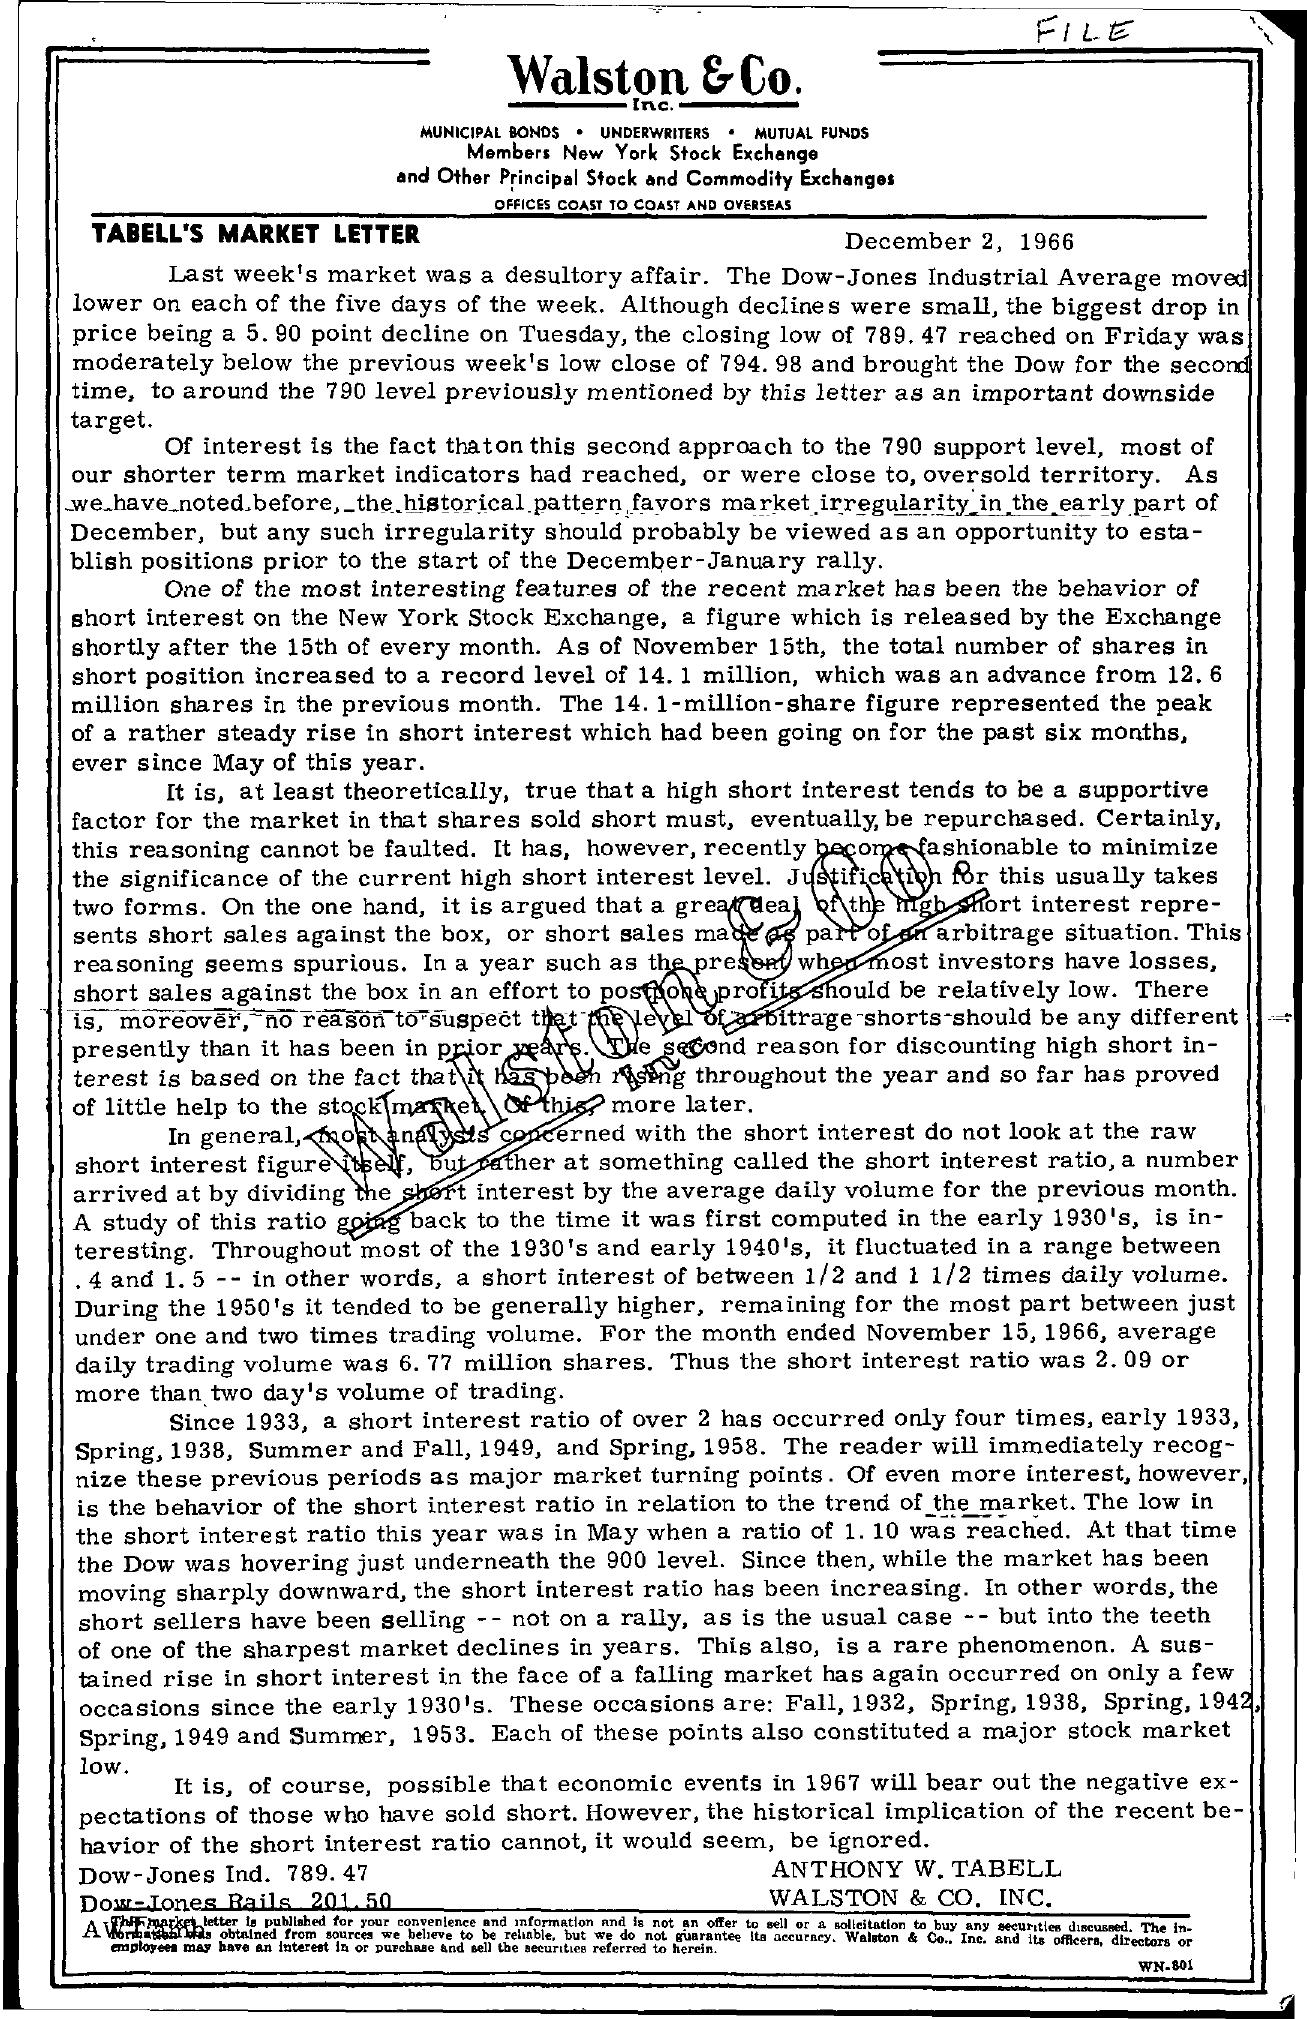 Tabell's Market Letter - December 02, 1966